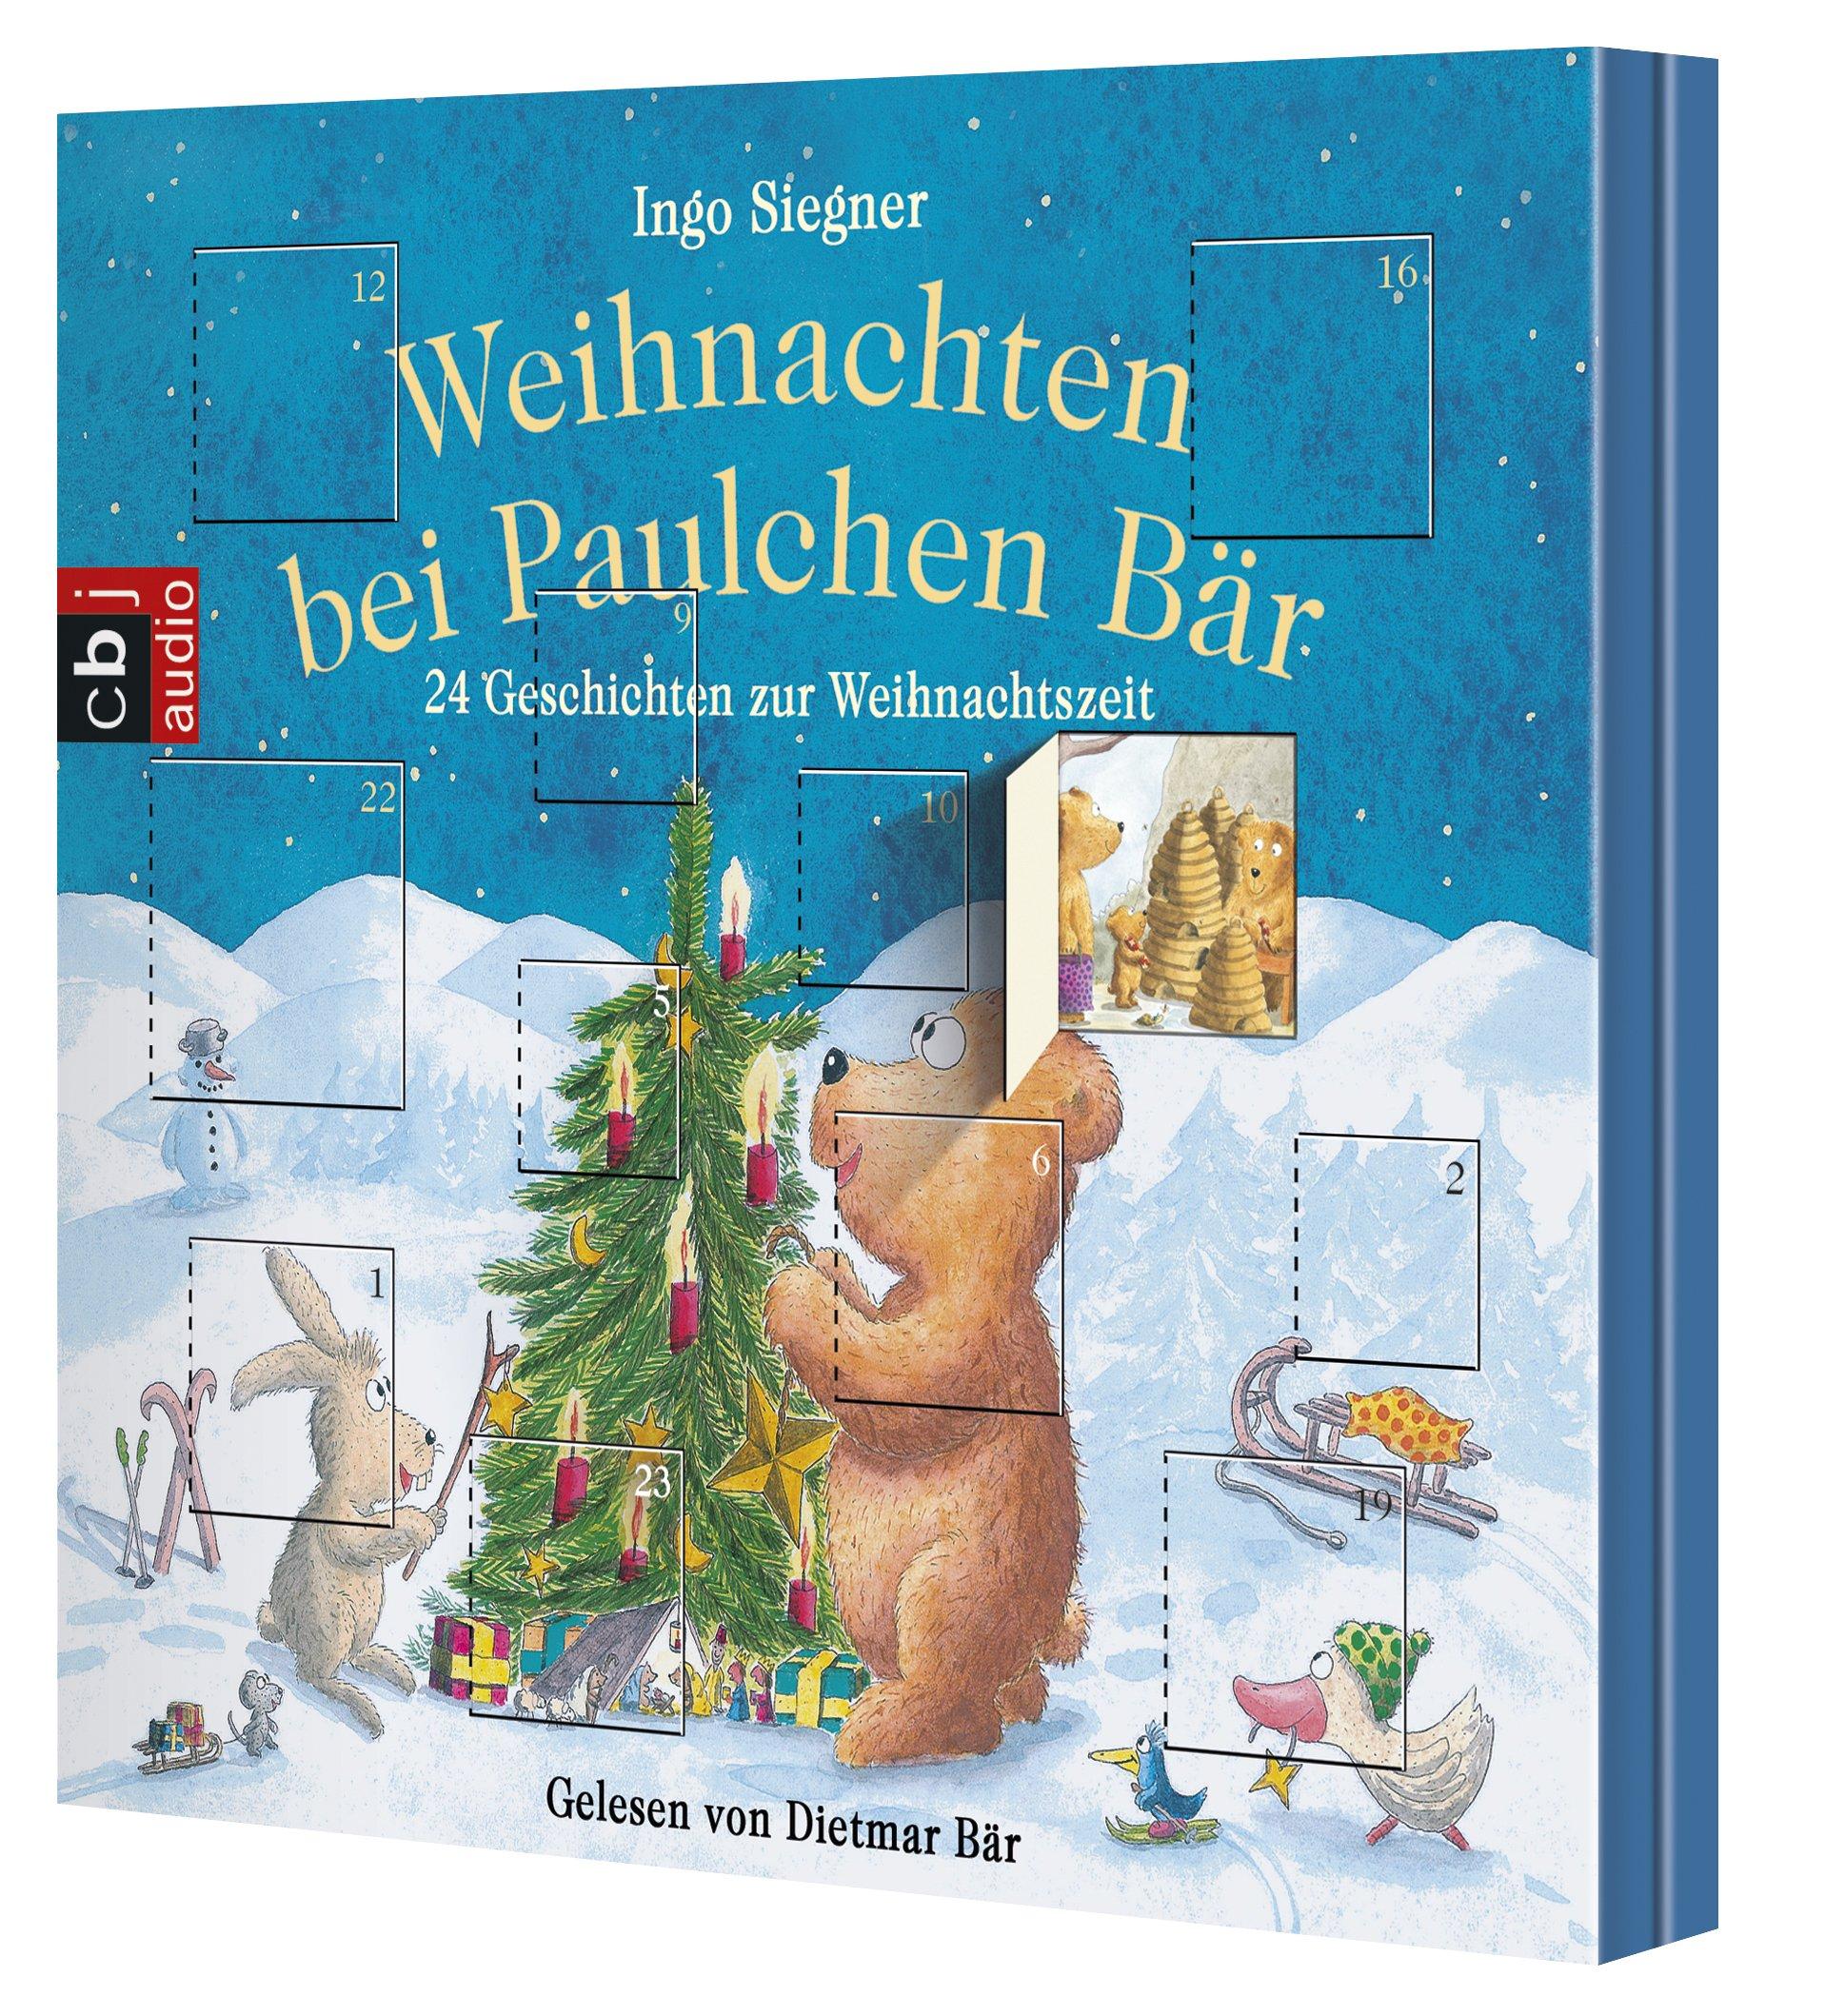 Weihnachten bei Paulchen Bär; 24 Geschichten zur Weihnachtszeit ; 1 Bde/Tle; Sprecher: Bär, Dietmar; Deutsch; Audio-CD ; Hörbücher